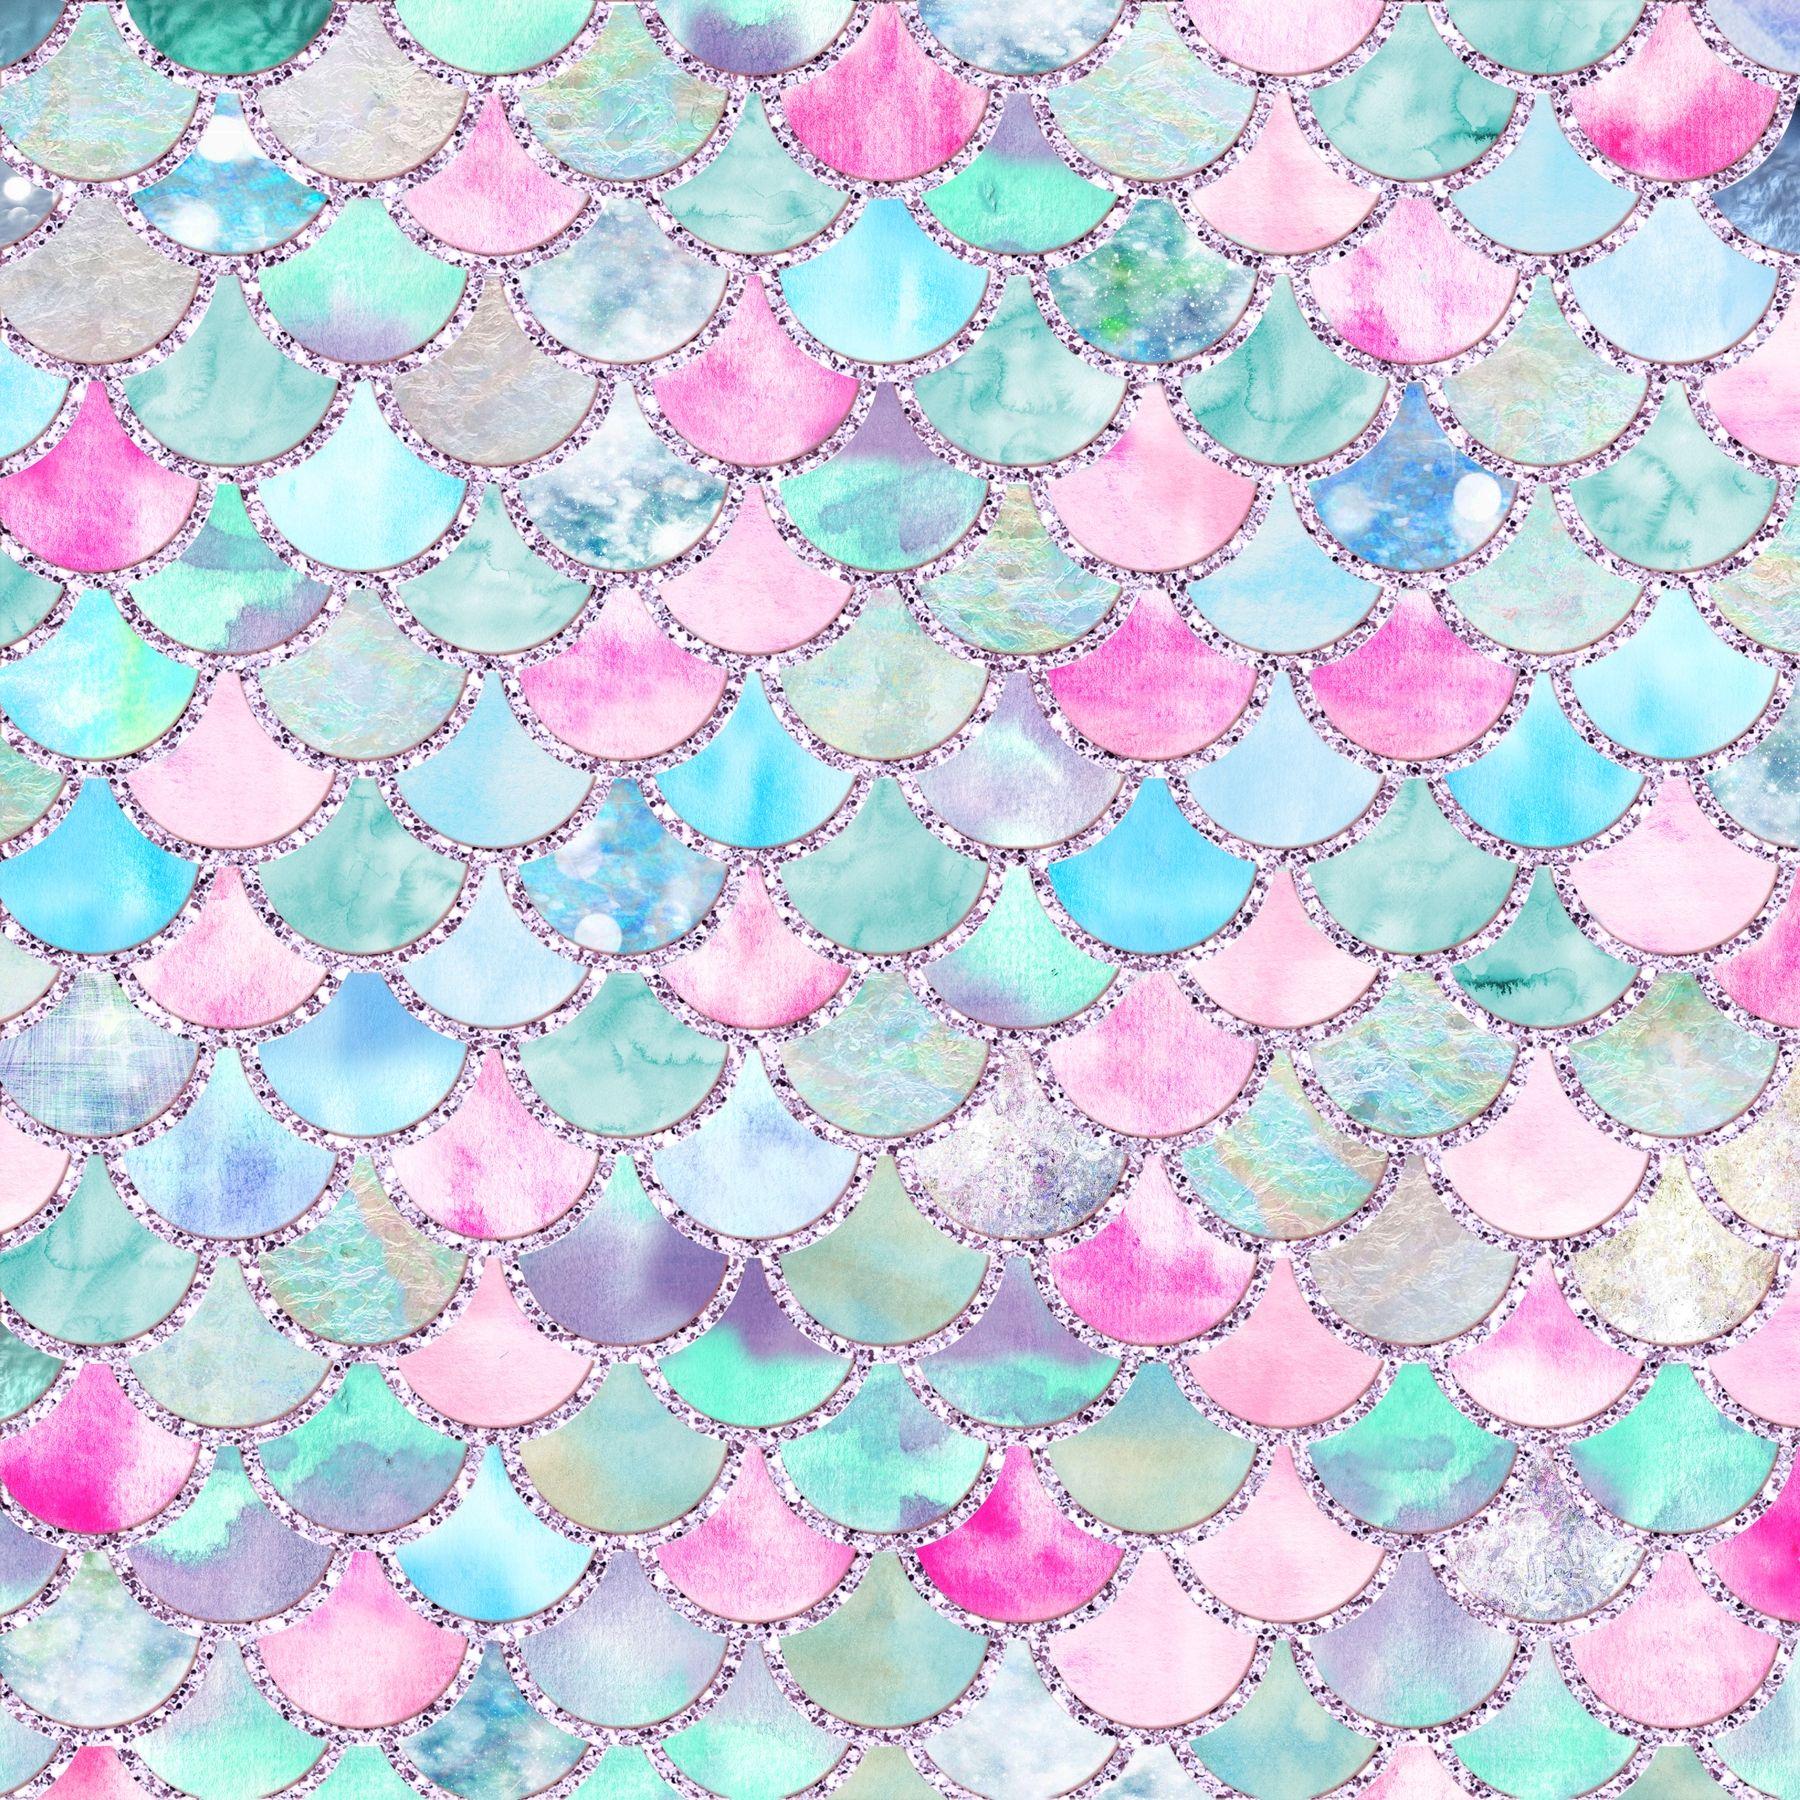 Teal Summer Mermaid Scales Wallpaper Mermaid Wallpapers Mermaid Scales Mermaid Background